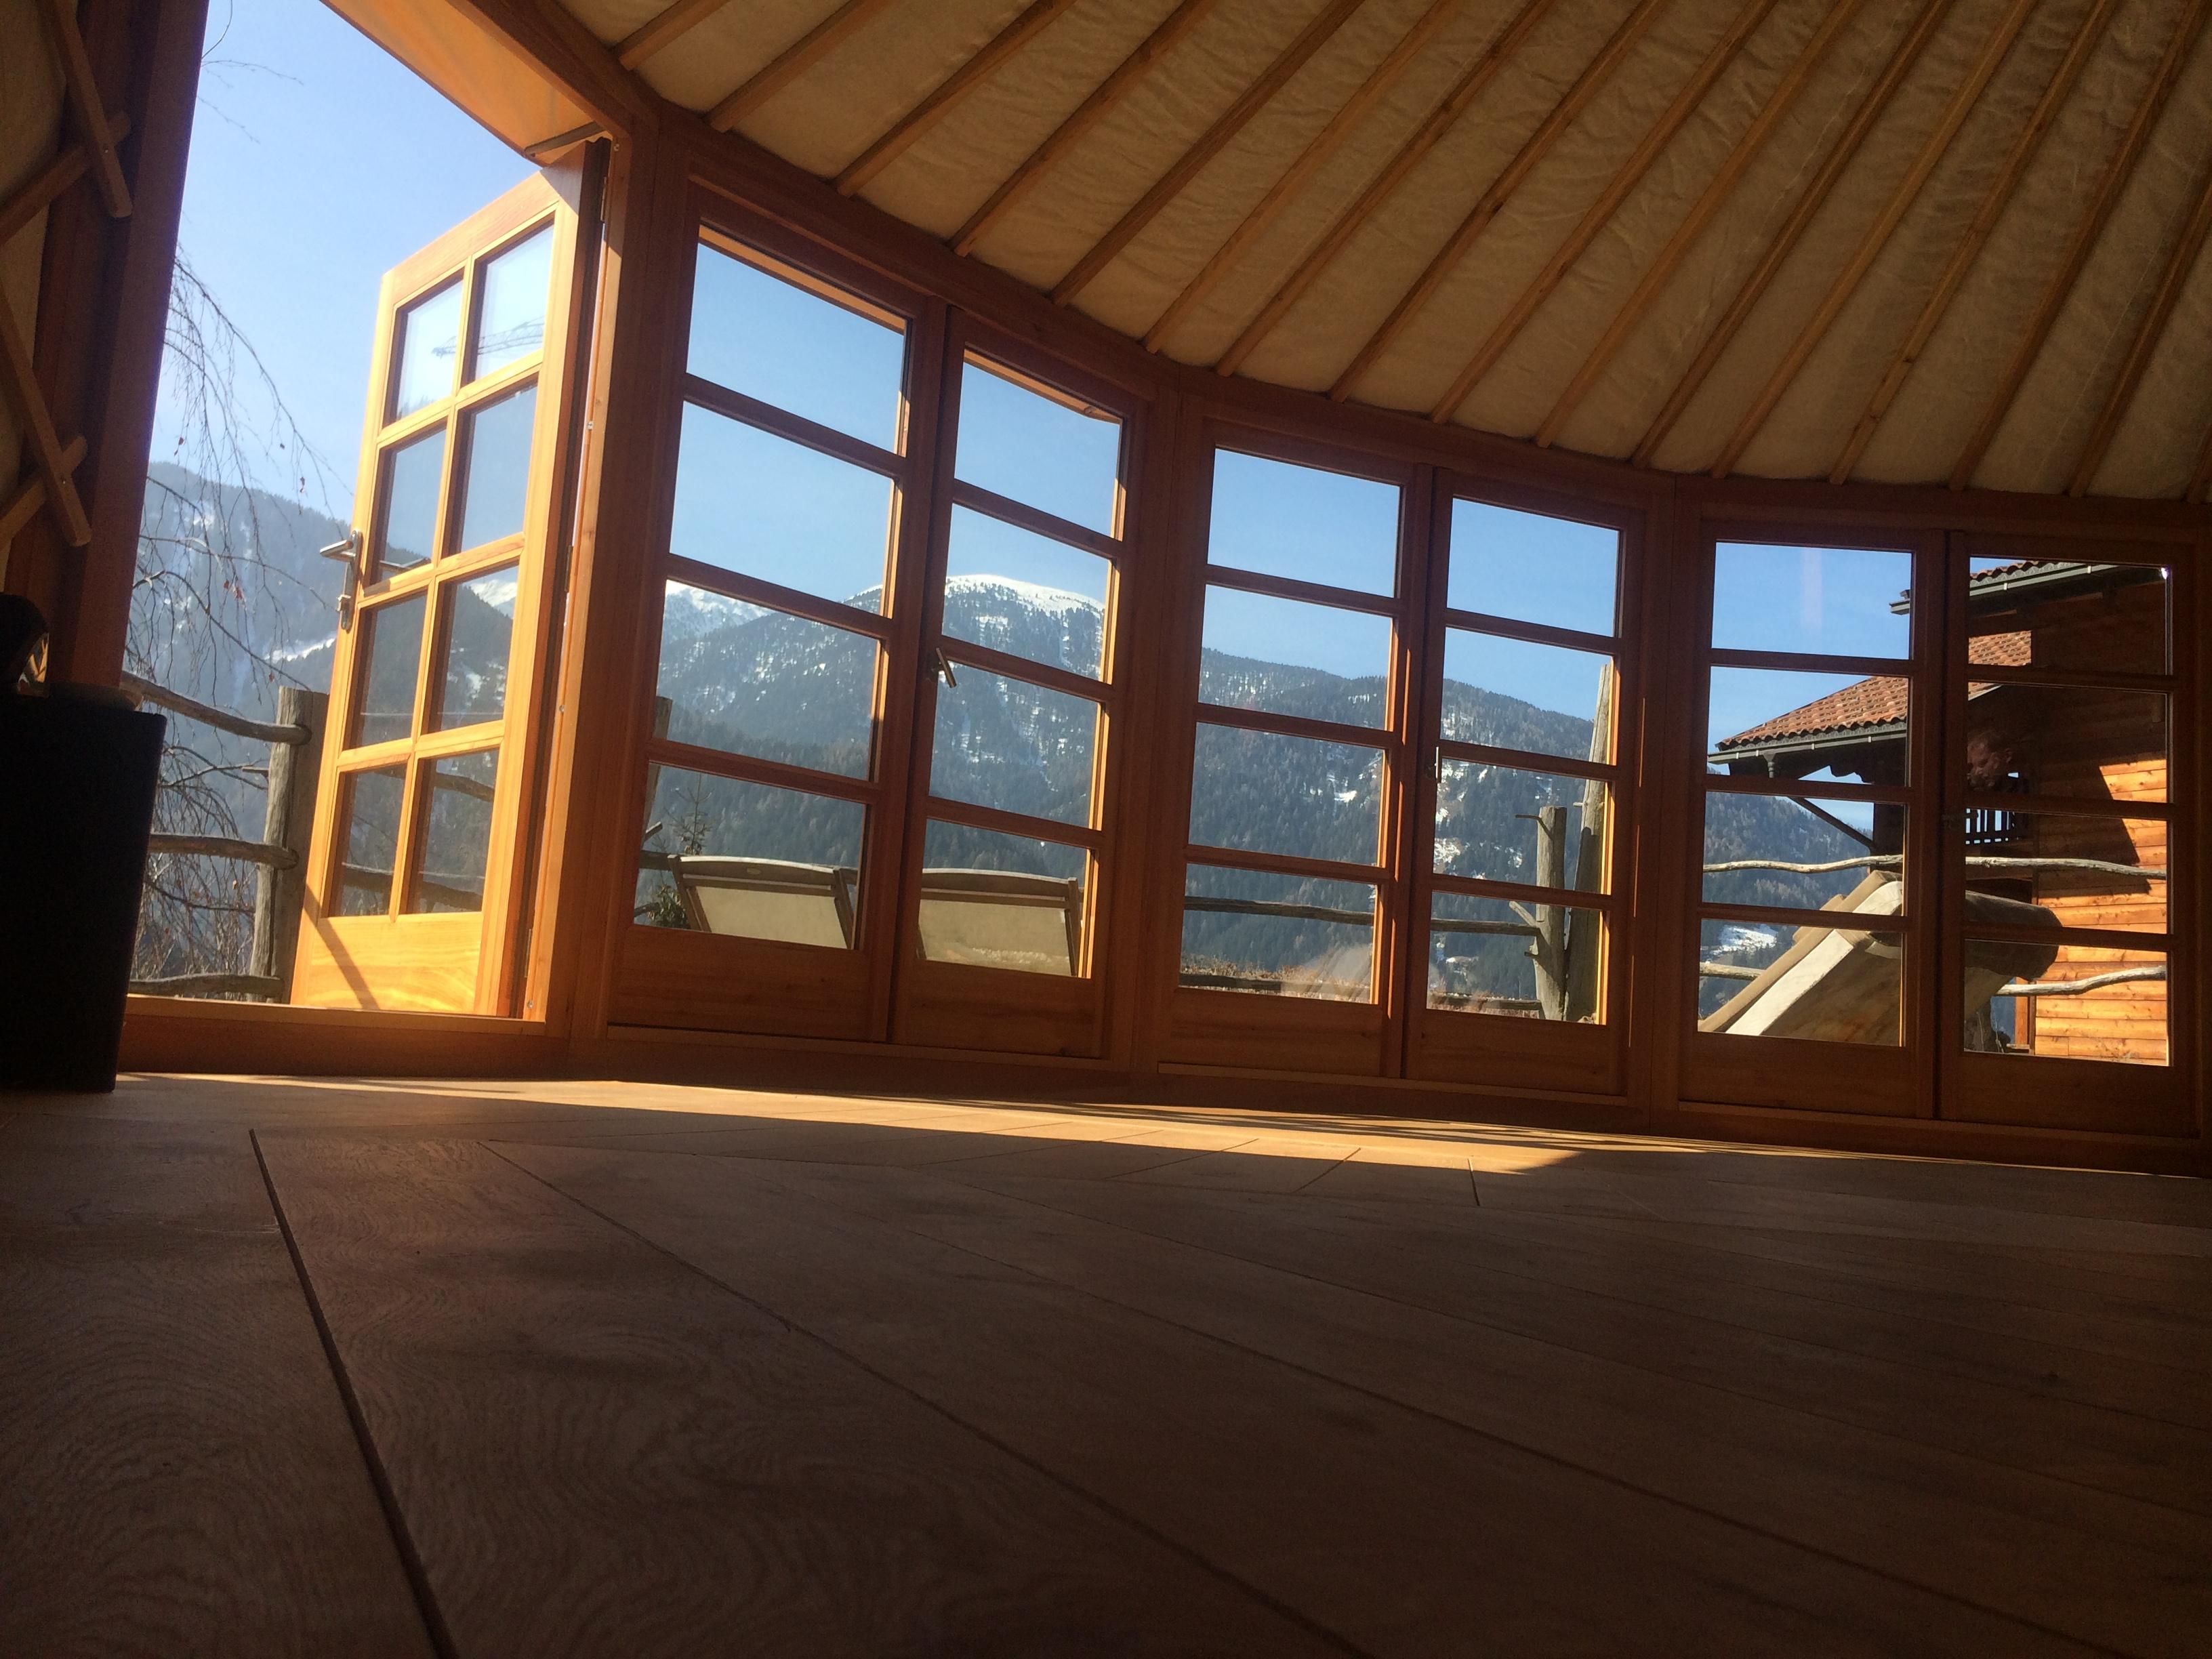 Panoramatická spojená okna